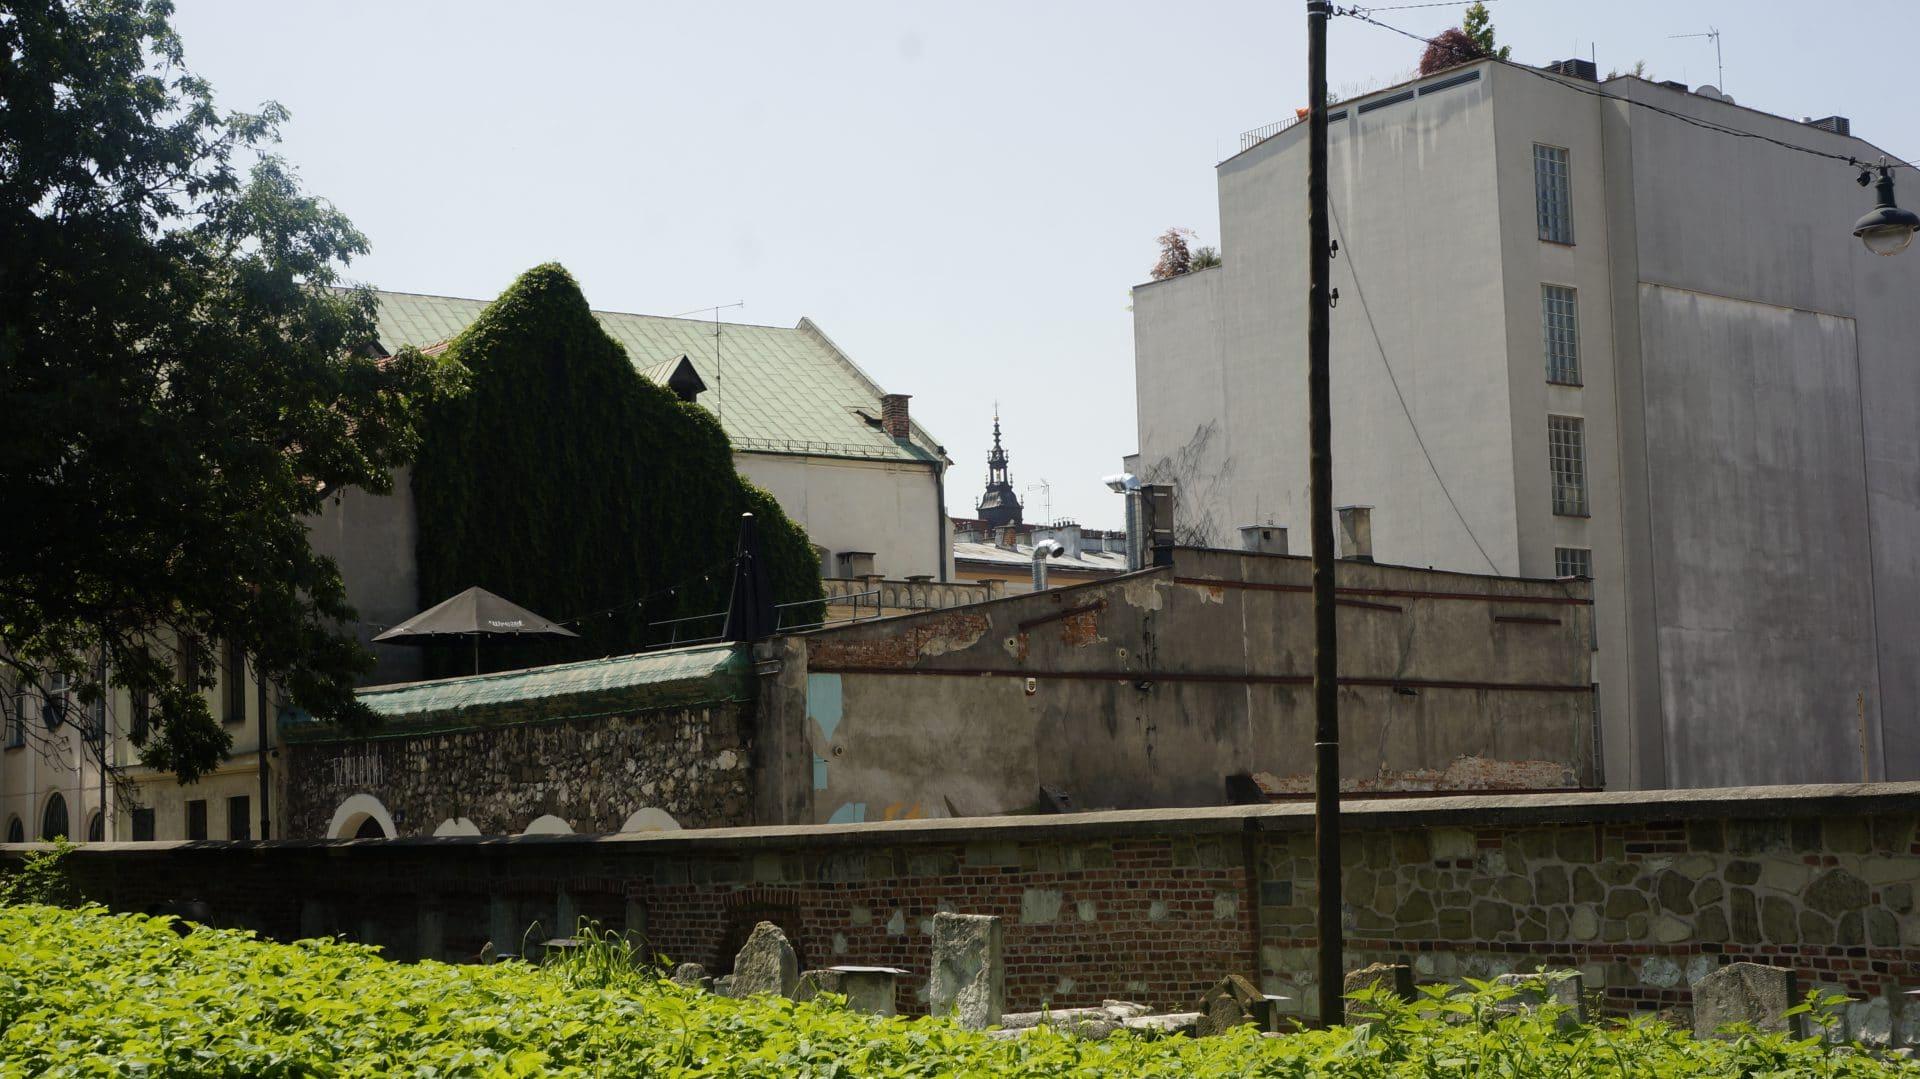 Na zdjęciu zrobionym ze starego cmentarza żydowskiego Remuh widać, jak wieże kościoła Bożego Ciała górują nad dawną dzielnicą żydowską. Kiedyś przypominały o tym, że to król polski jest gwarantem bezpieczeństwa krakowskich Żydów i mogą oni spokojnie żyć dzięki jego opiece.